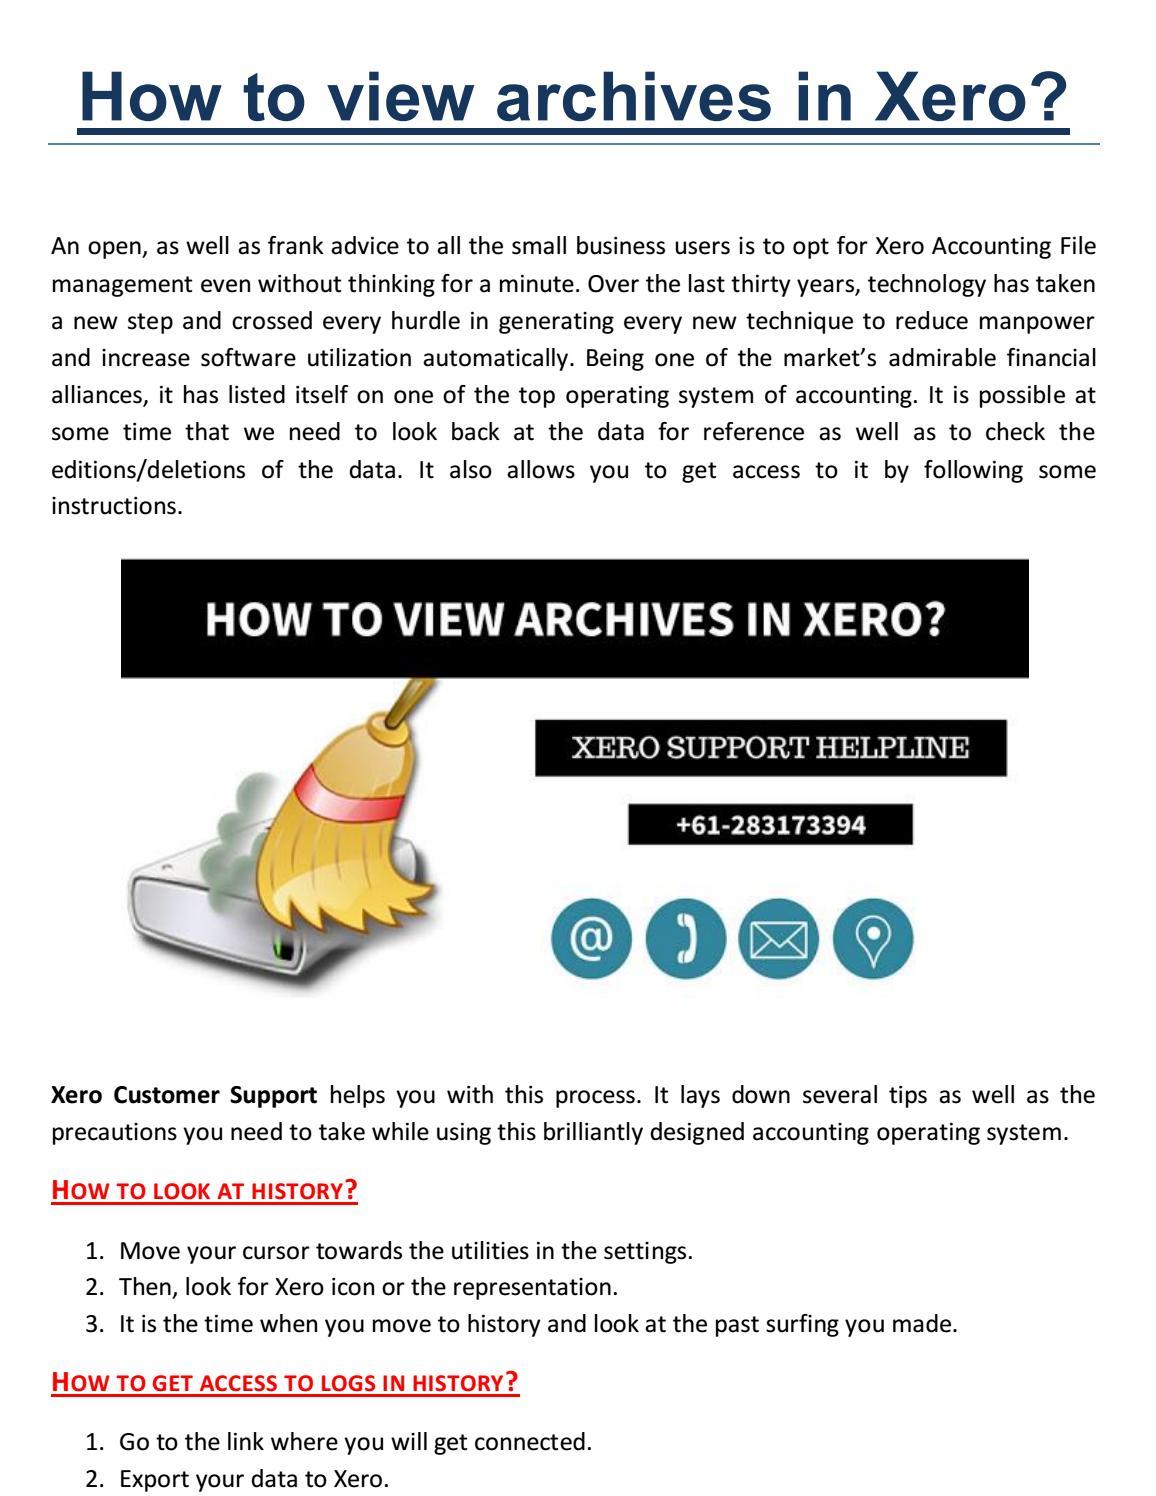 Xero Support , Xero Support Australia Helpline Number 1800-952-982